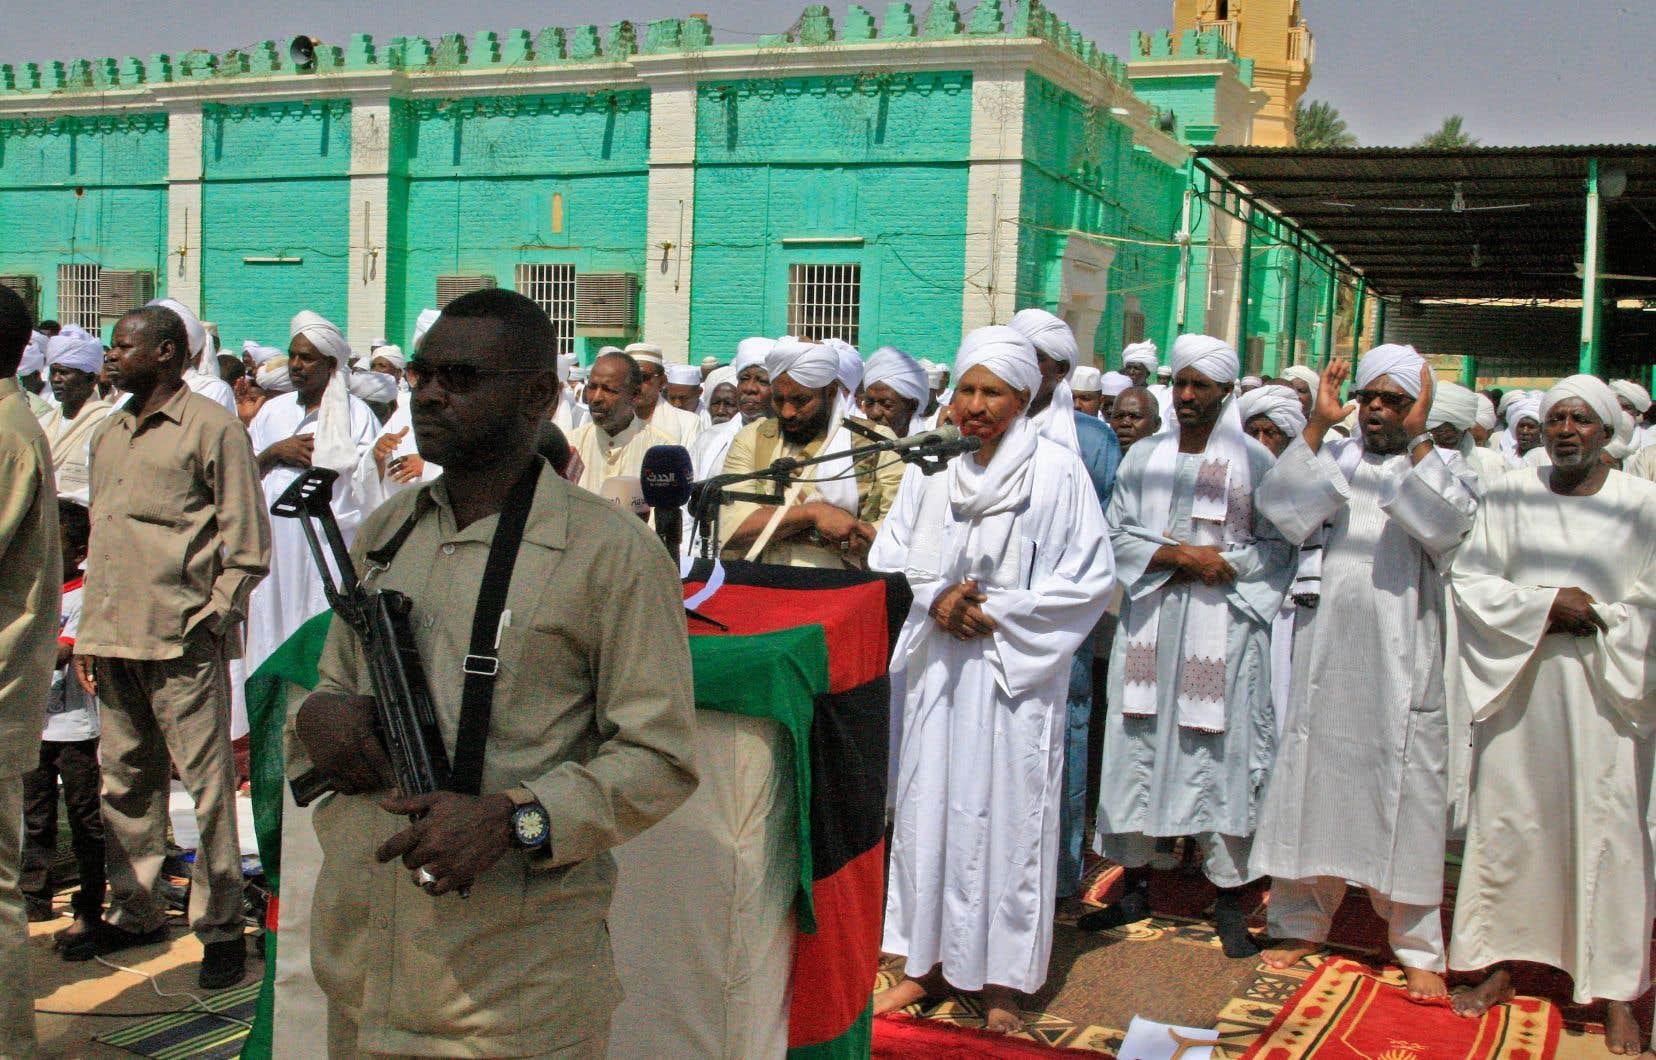 Entourés de gardes armés, les chefs de la contestation soudanaise, notamment l'ancien premier ministre Sadeq al-Mahdi, ont pris part mercredi à Omdourman à la fête musulmane du Fitr, marquant la fin du ramadan.